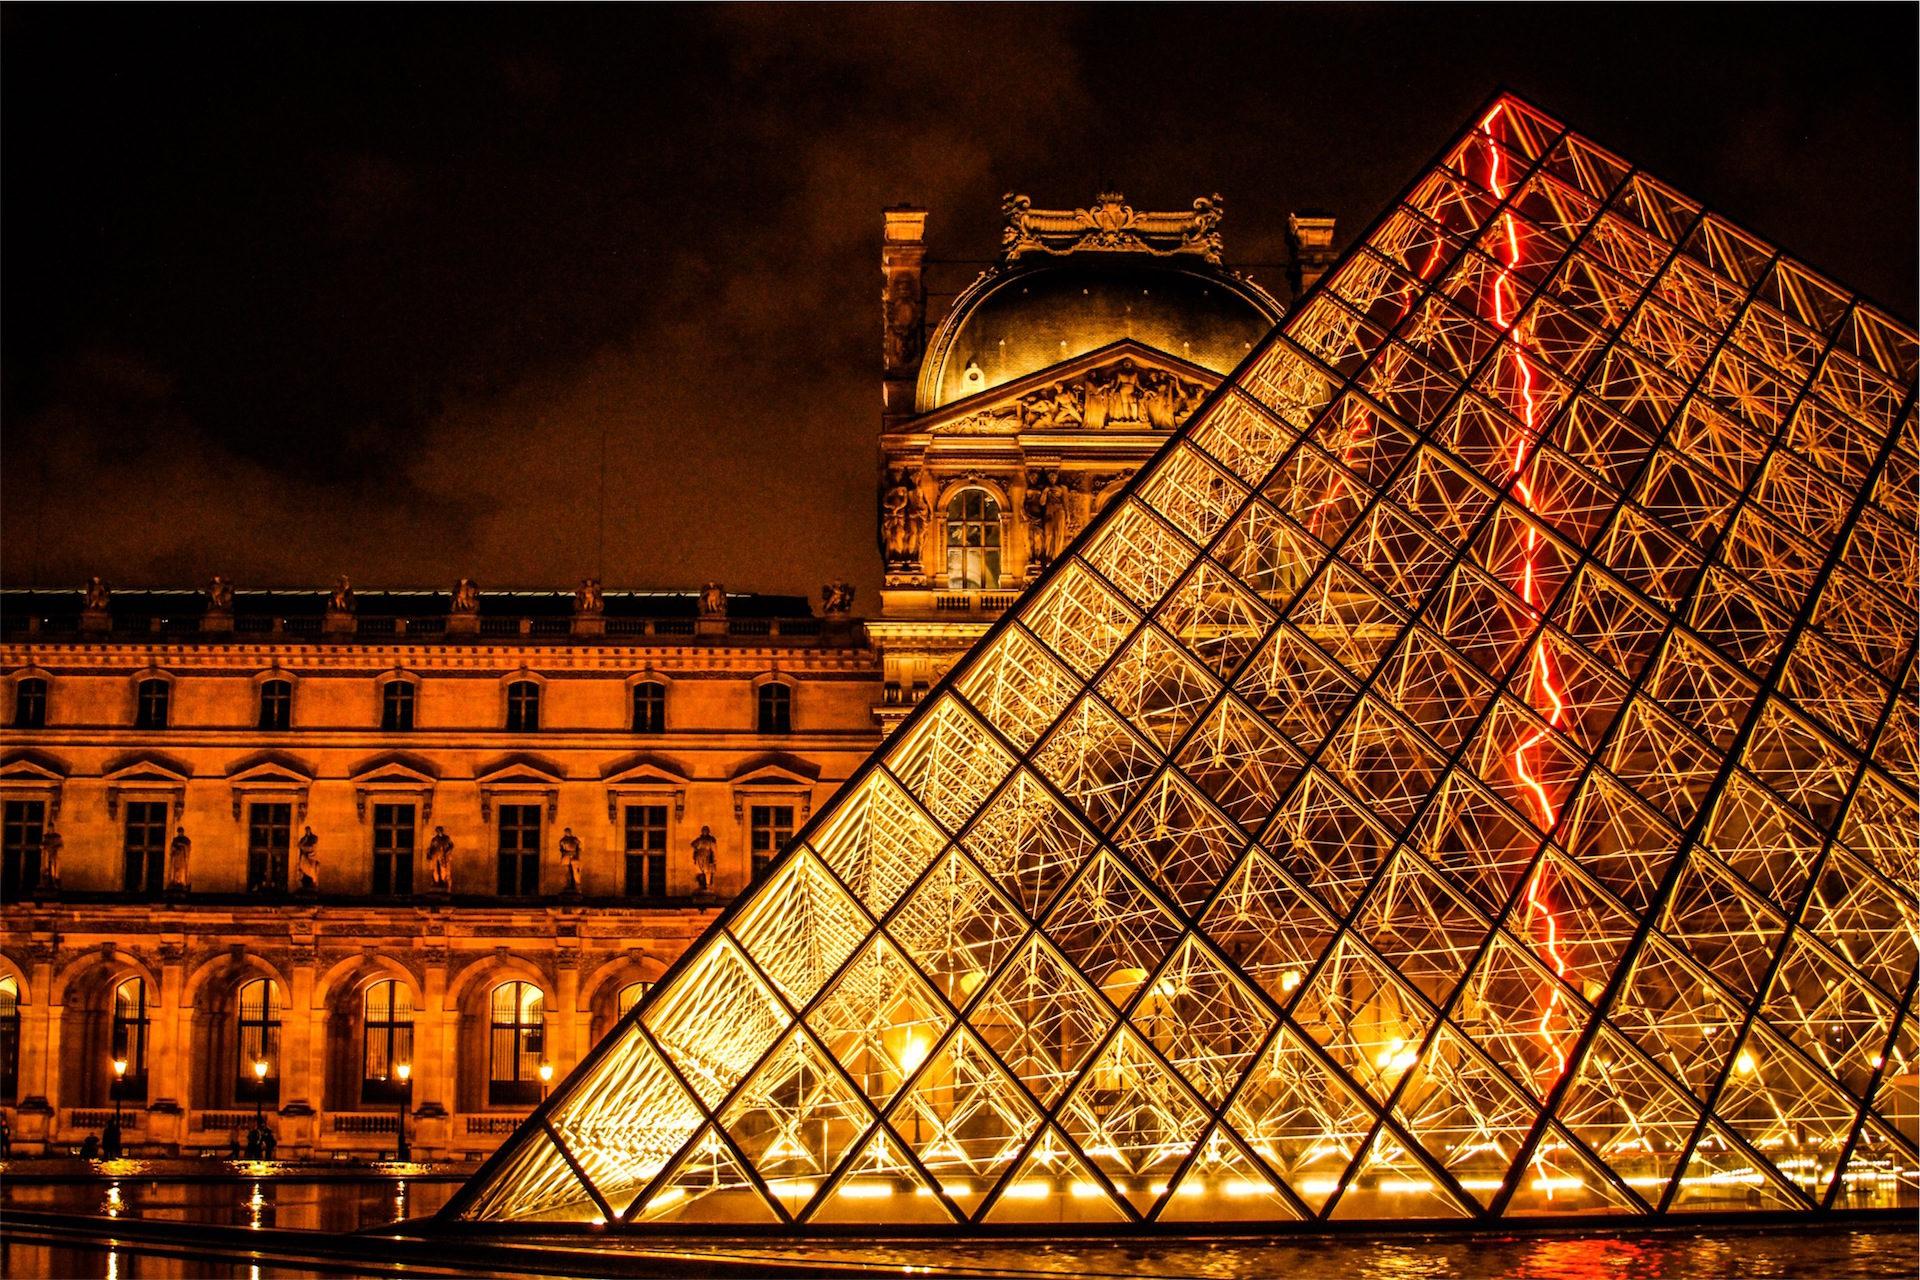 Πυραμίδα, Λούβρο, Μουσείο, Παρίσι, Γαλλία - Wallpapers HD - Professor-falken.com